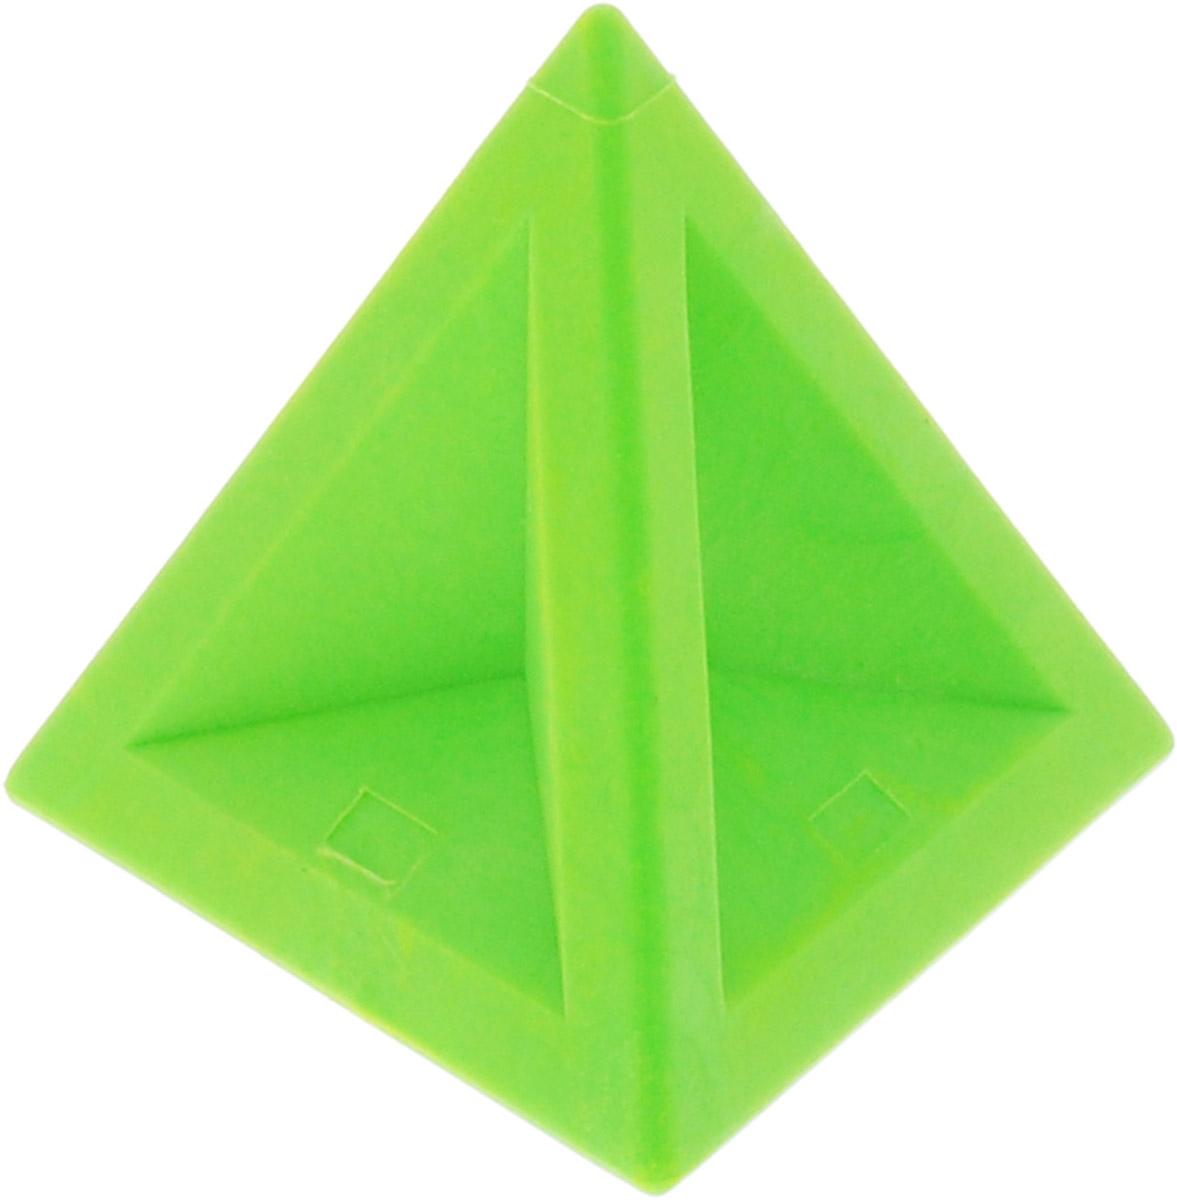 Brunnen Ластик треугольный цвет зеленый72523WDЛастик Brunnen станет незаменимым аксессуаром на рабочем столе не только школьника или студента, но и офисного работника.Ластик легко и без следа удаляет надписи, выполненные карандашом.